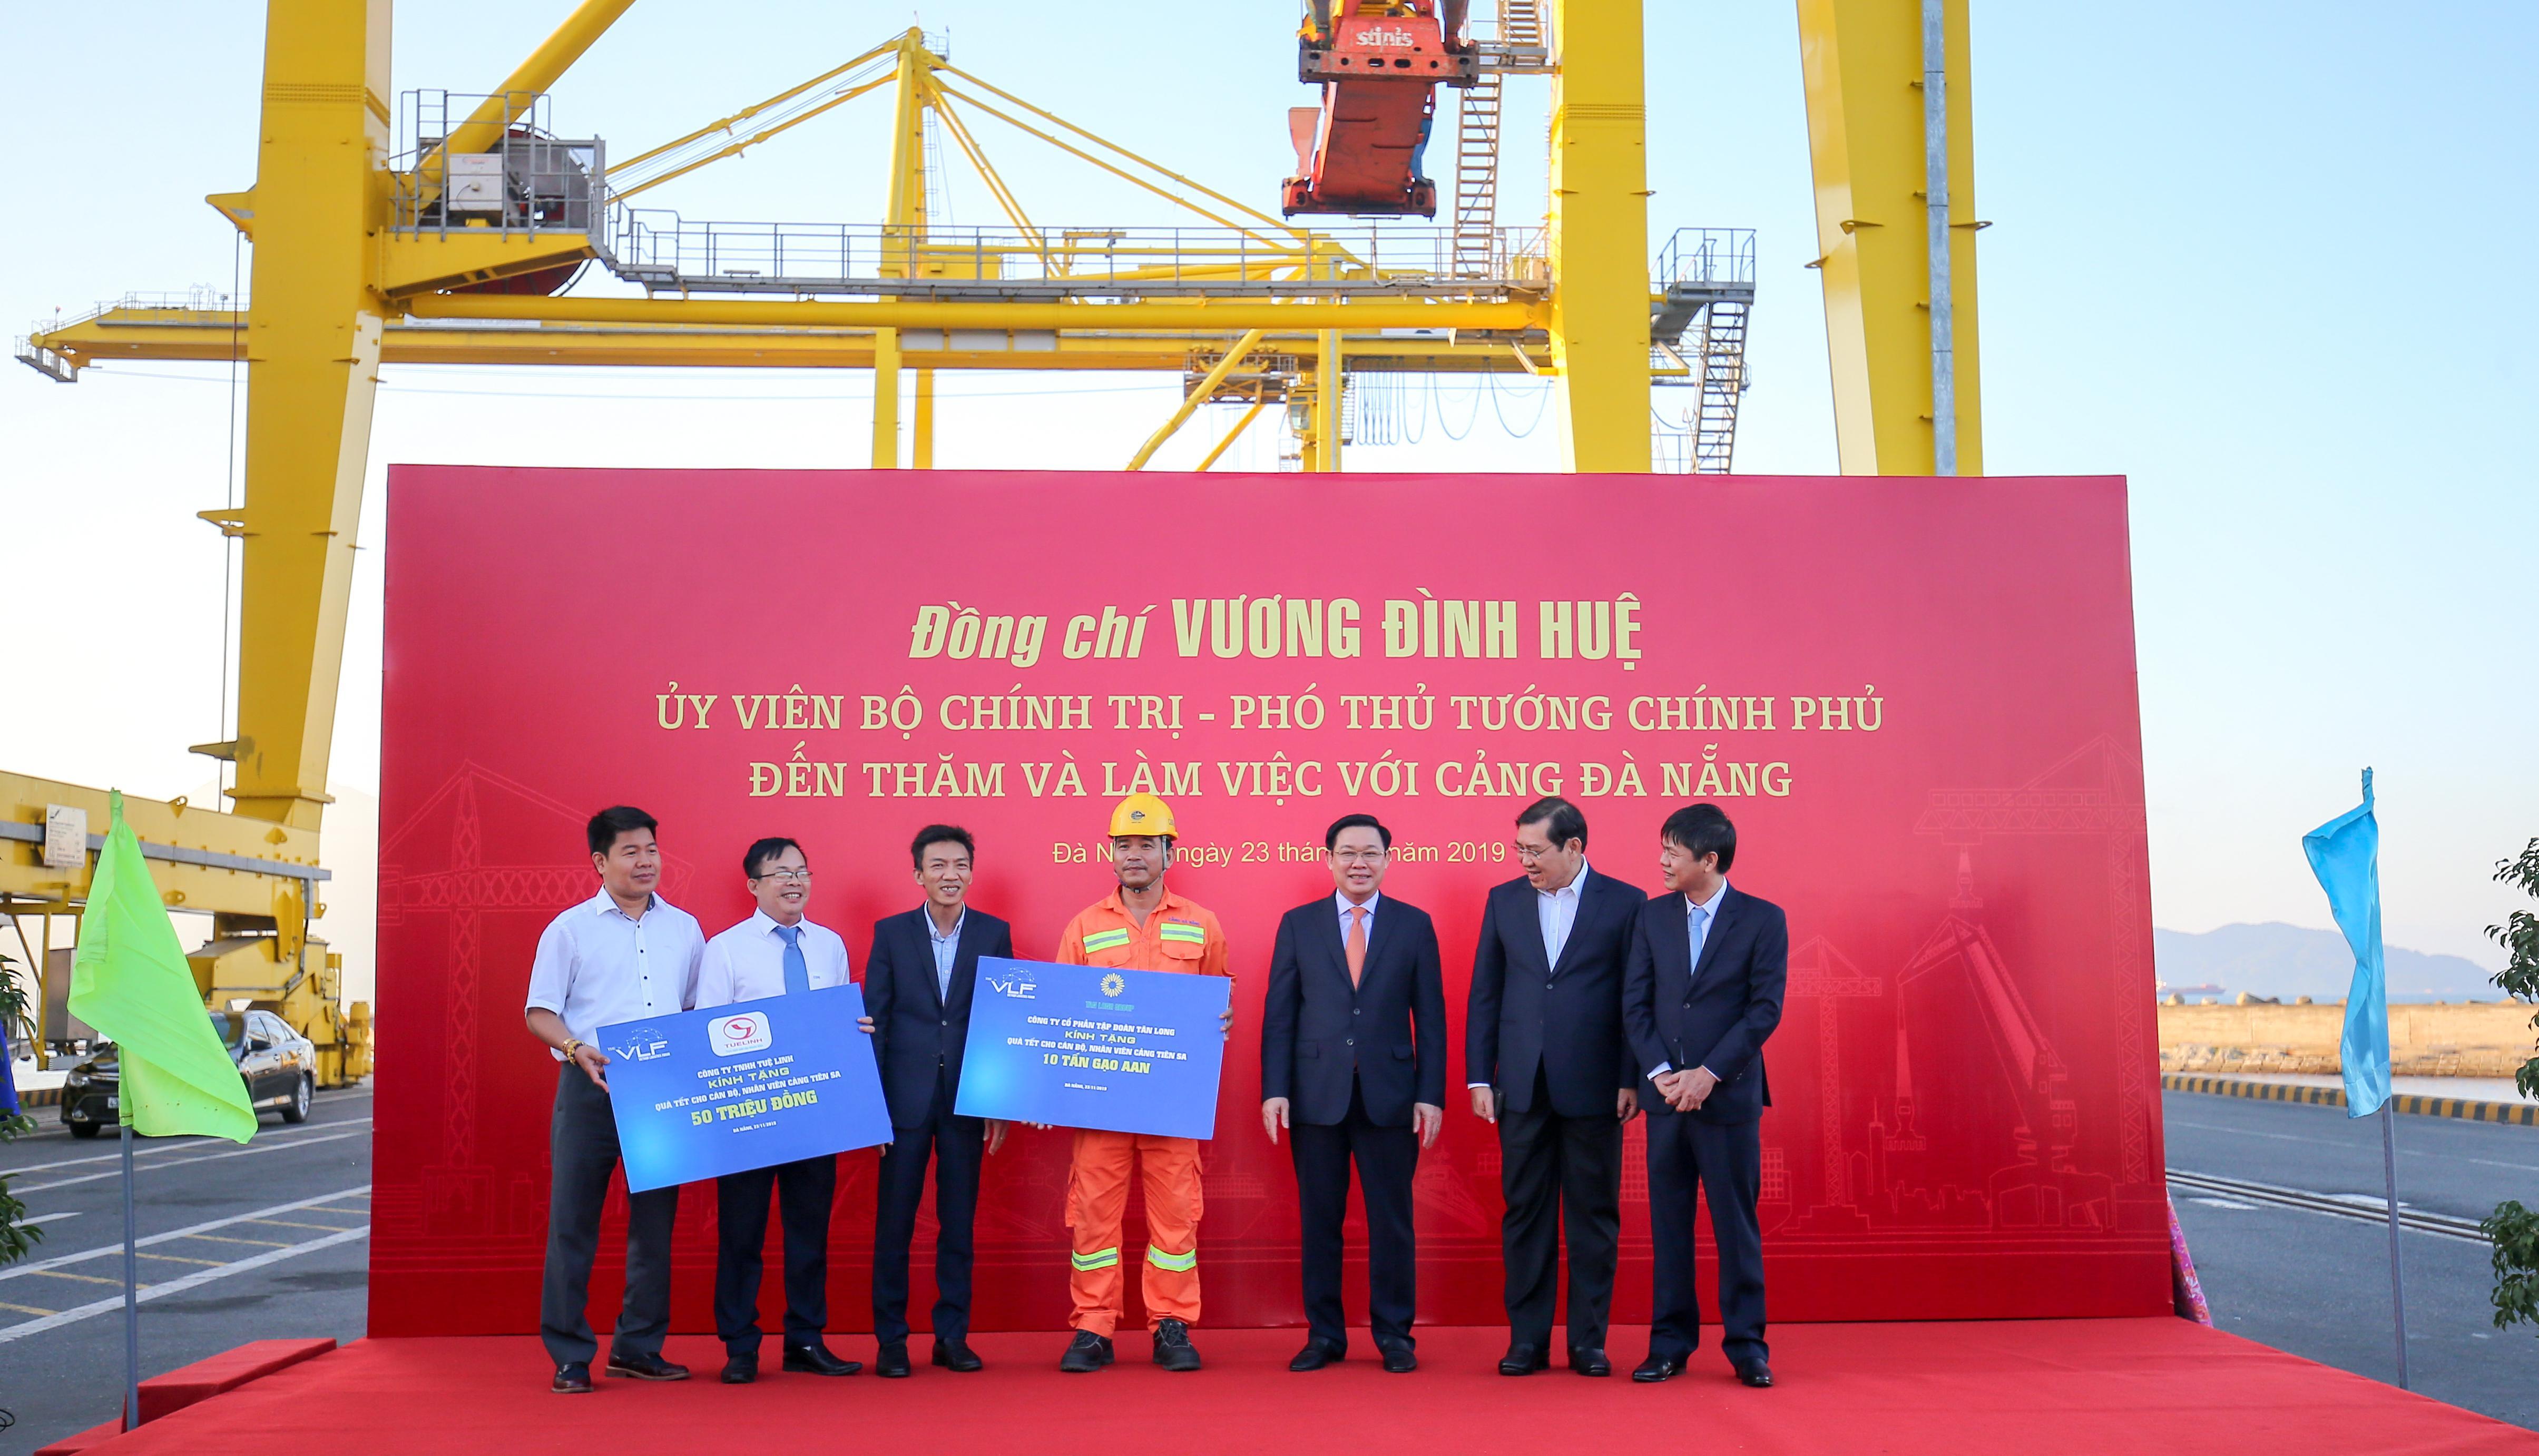 Ông Nguyễn Chánh Trung - Giám đốc mảng gạo Tập đoàn Tân Long trao tặng 10 tấn gạo cho Cảng Tiên Sa